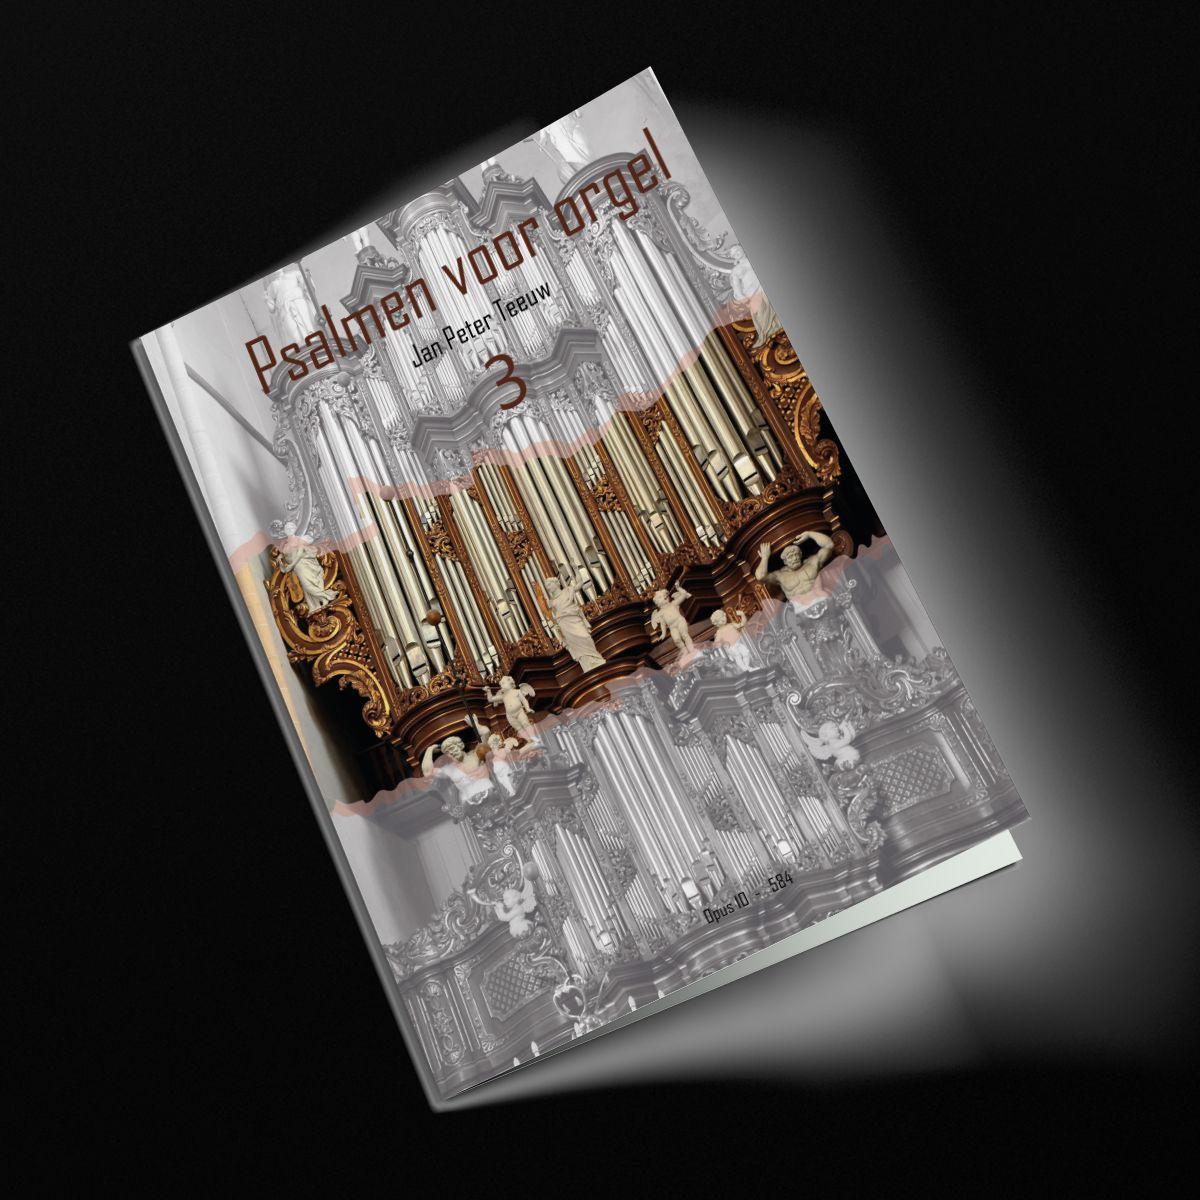 Jan Peter Teeuw: Psalmen Voor Orgel 3: Organ: Instrumental Album